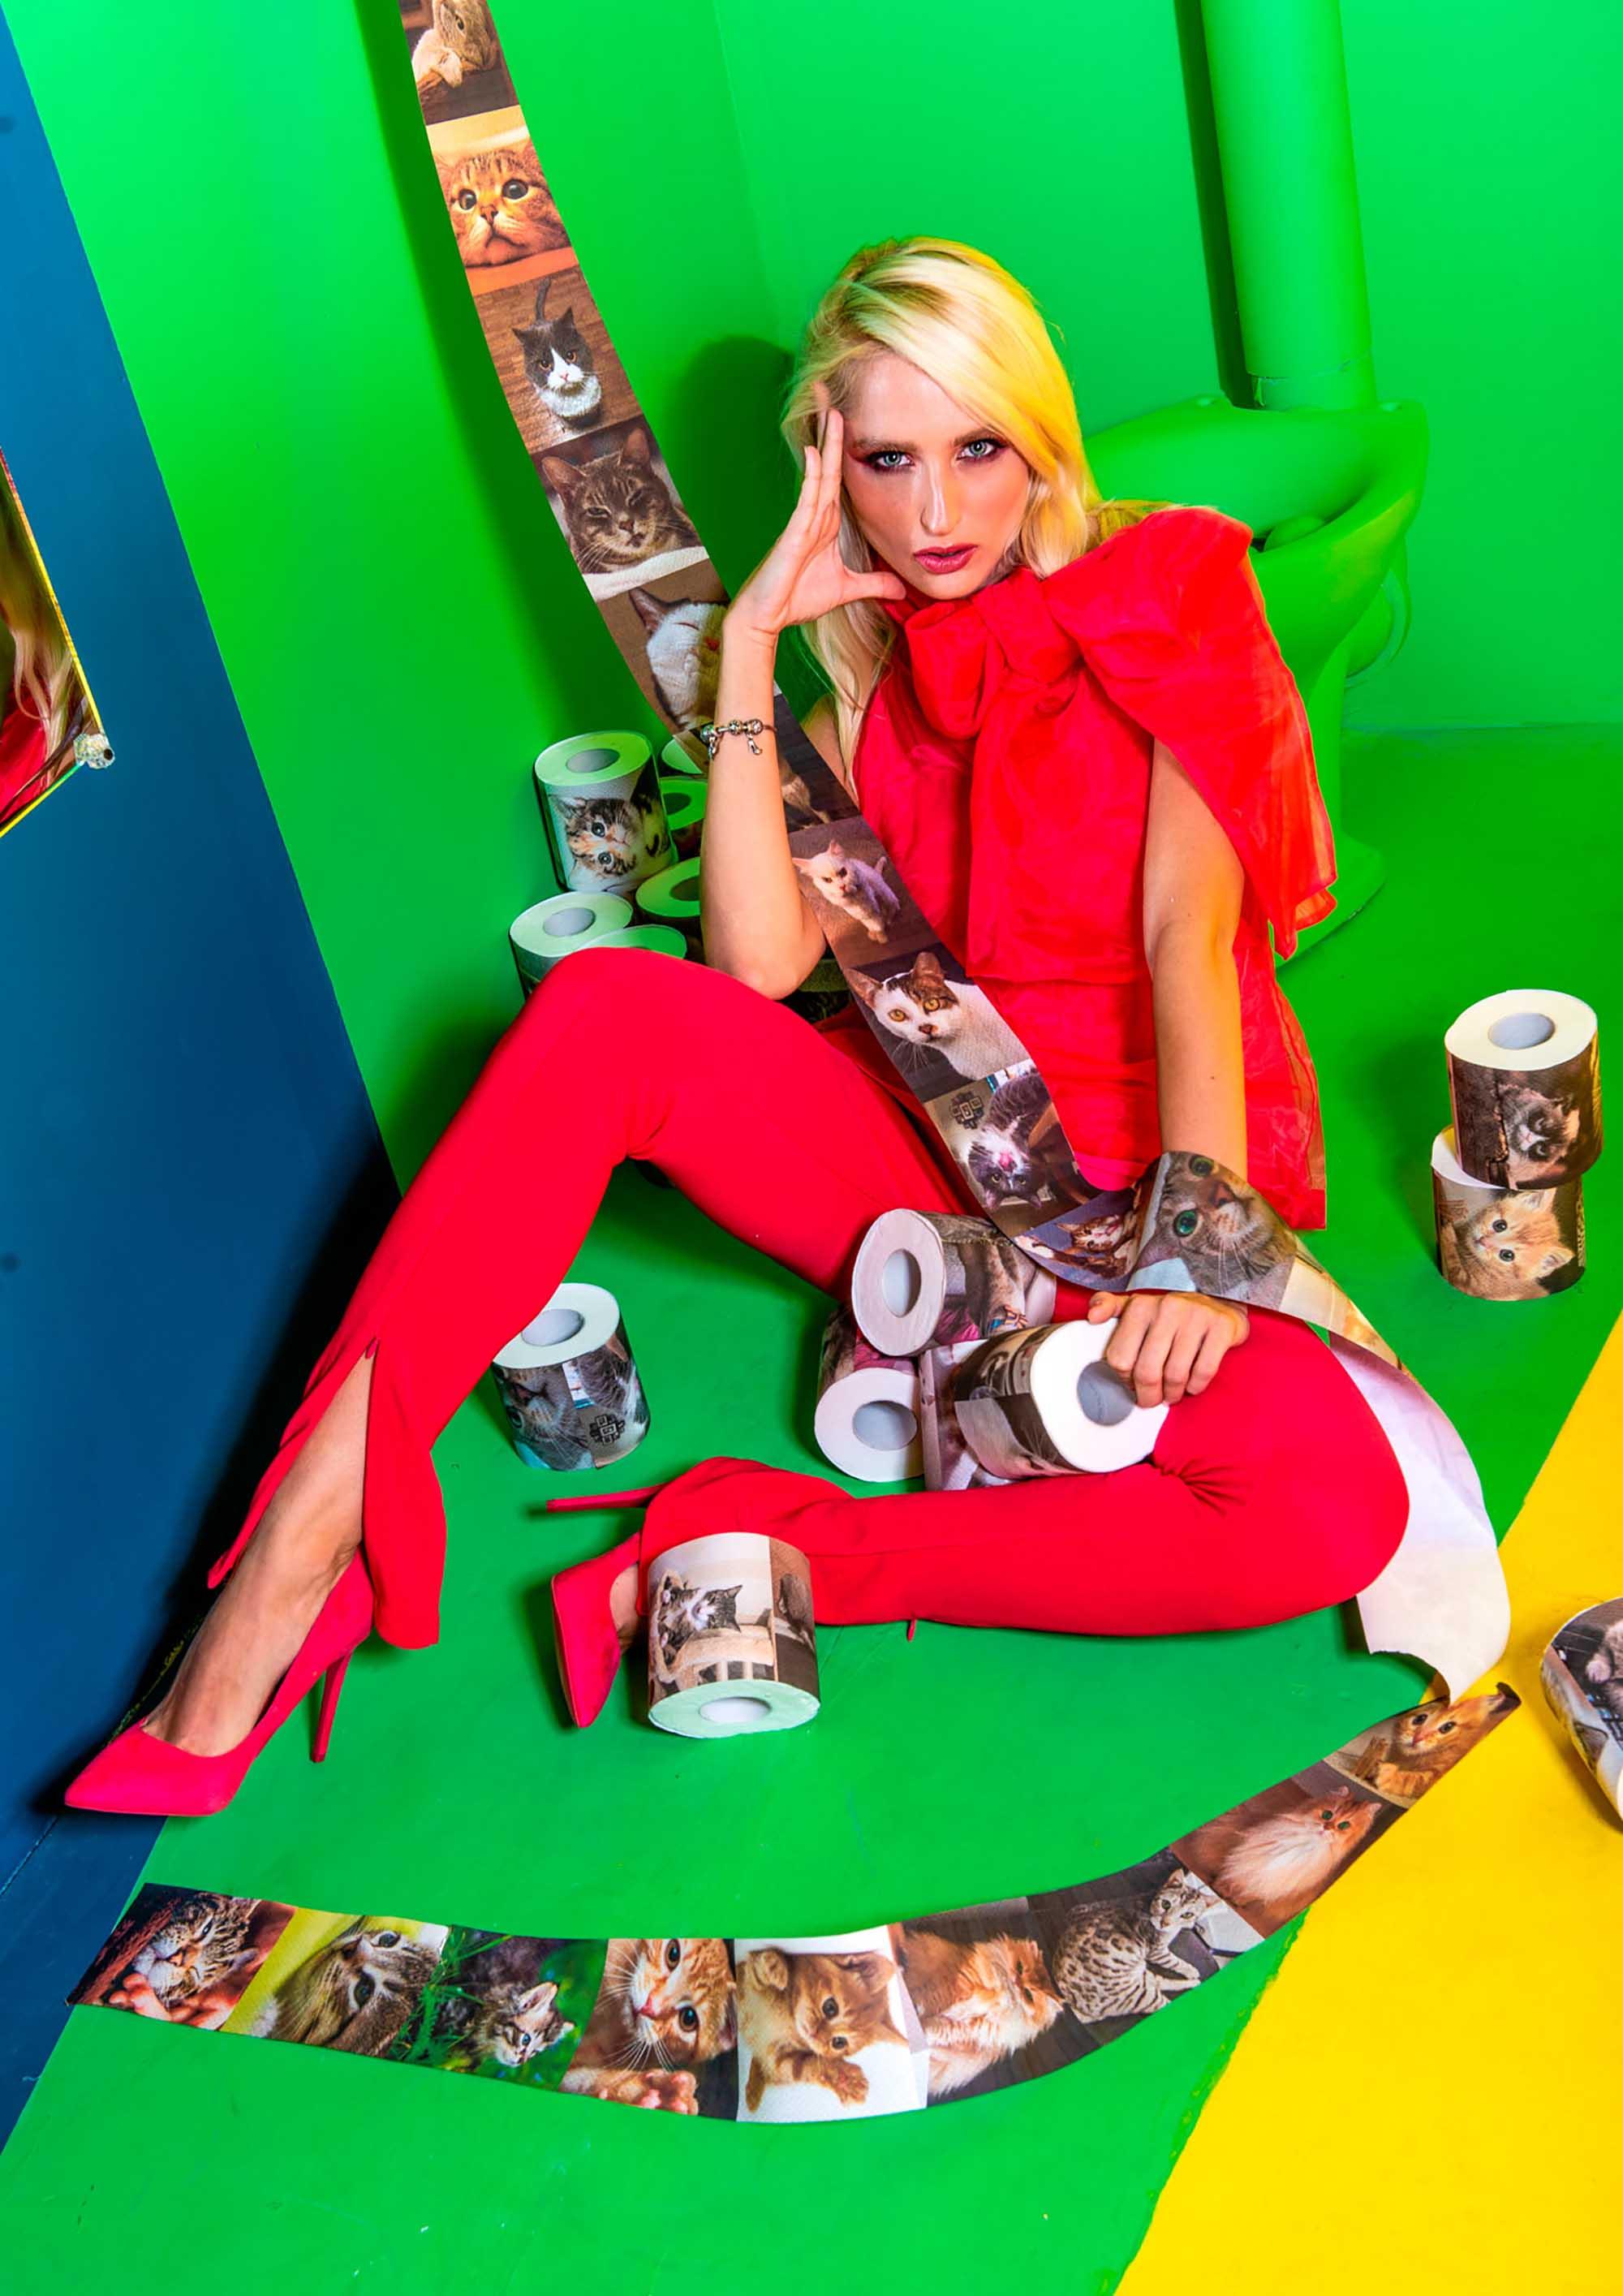 חולצה: זארה, מכנס: זארה, נעלים: ספרינג' הפקת אופנה, צלם דניס גרצקיס, סטיילינג דניאל צרויה, איפור נינה בלקניה, דוגמנית עינת רוכמן